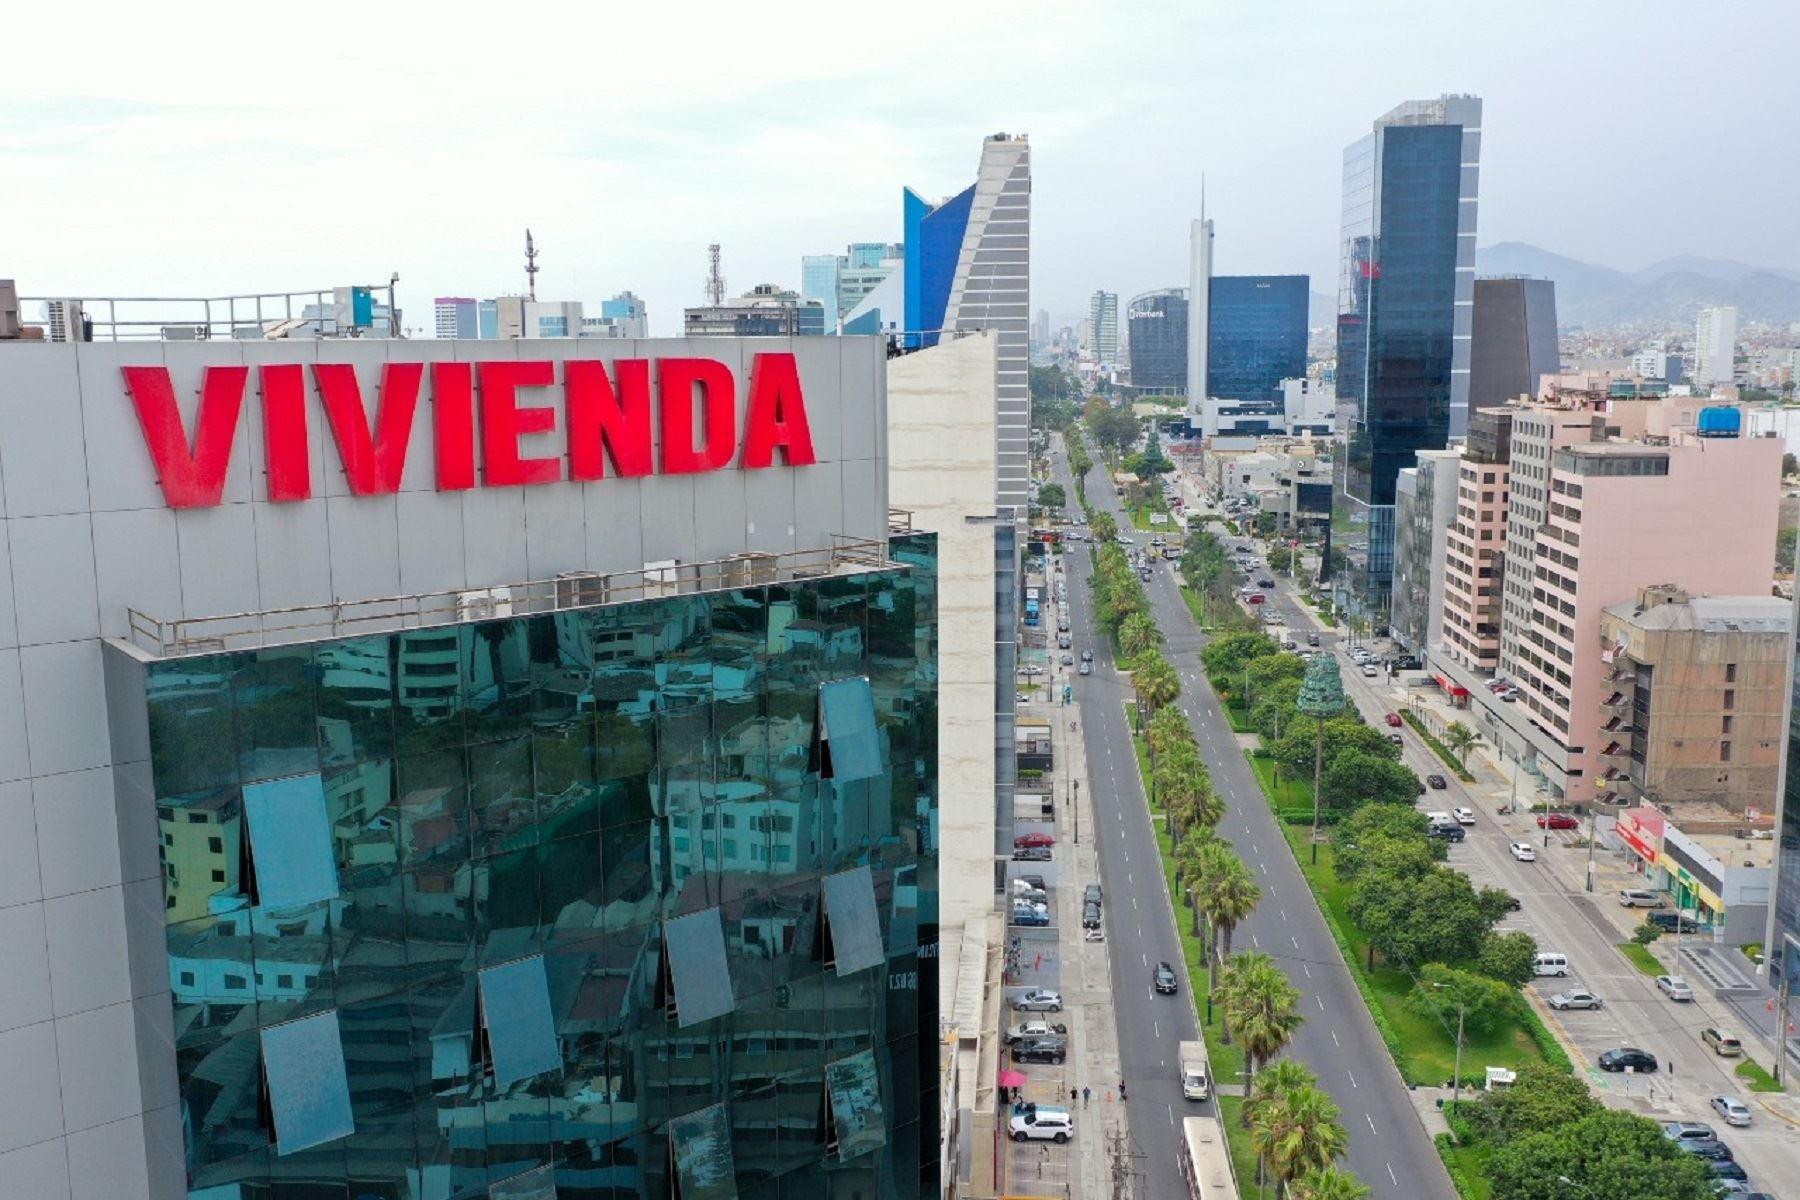 Gobierno designa a Rodolfo Santa María Razzeto viceministro de Vivienda y Urbanismo